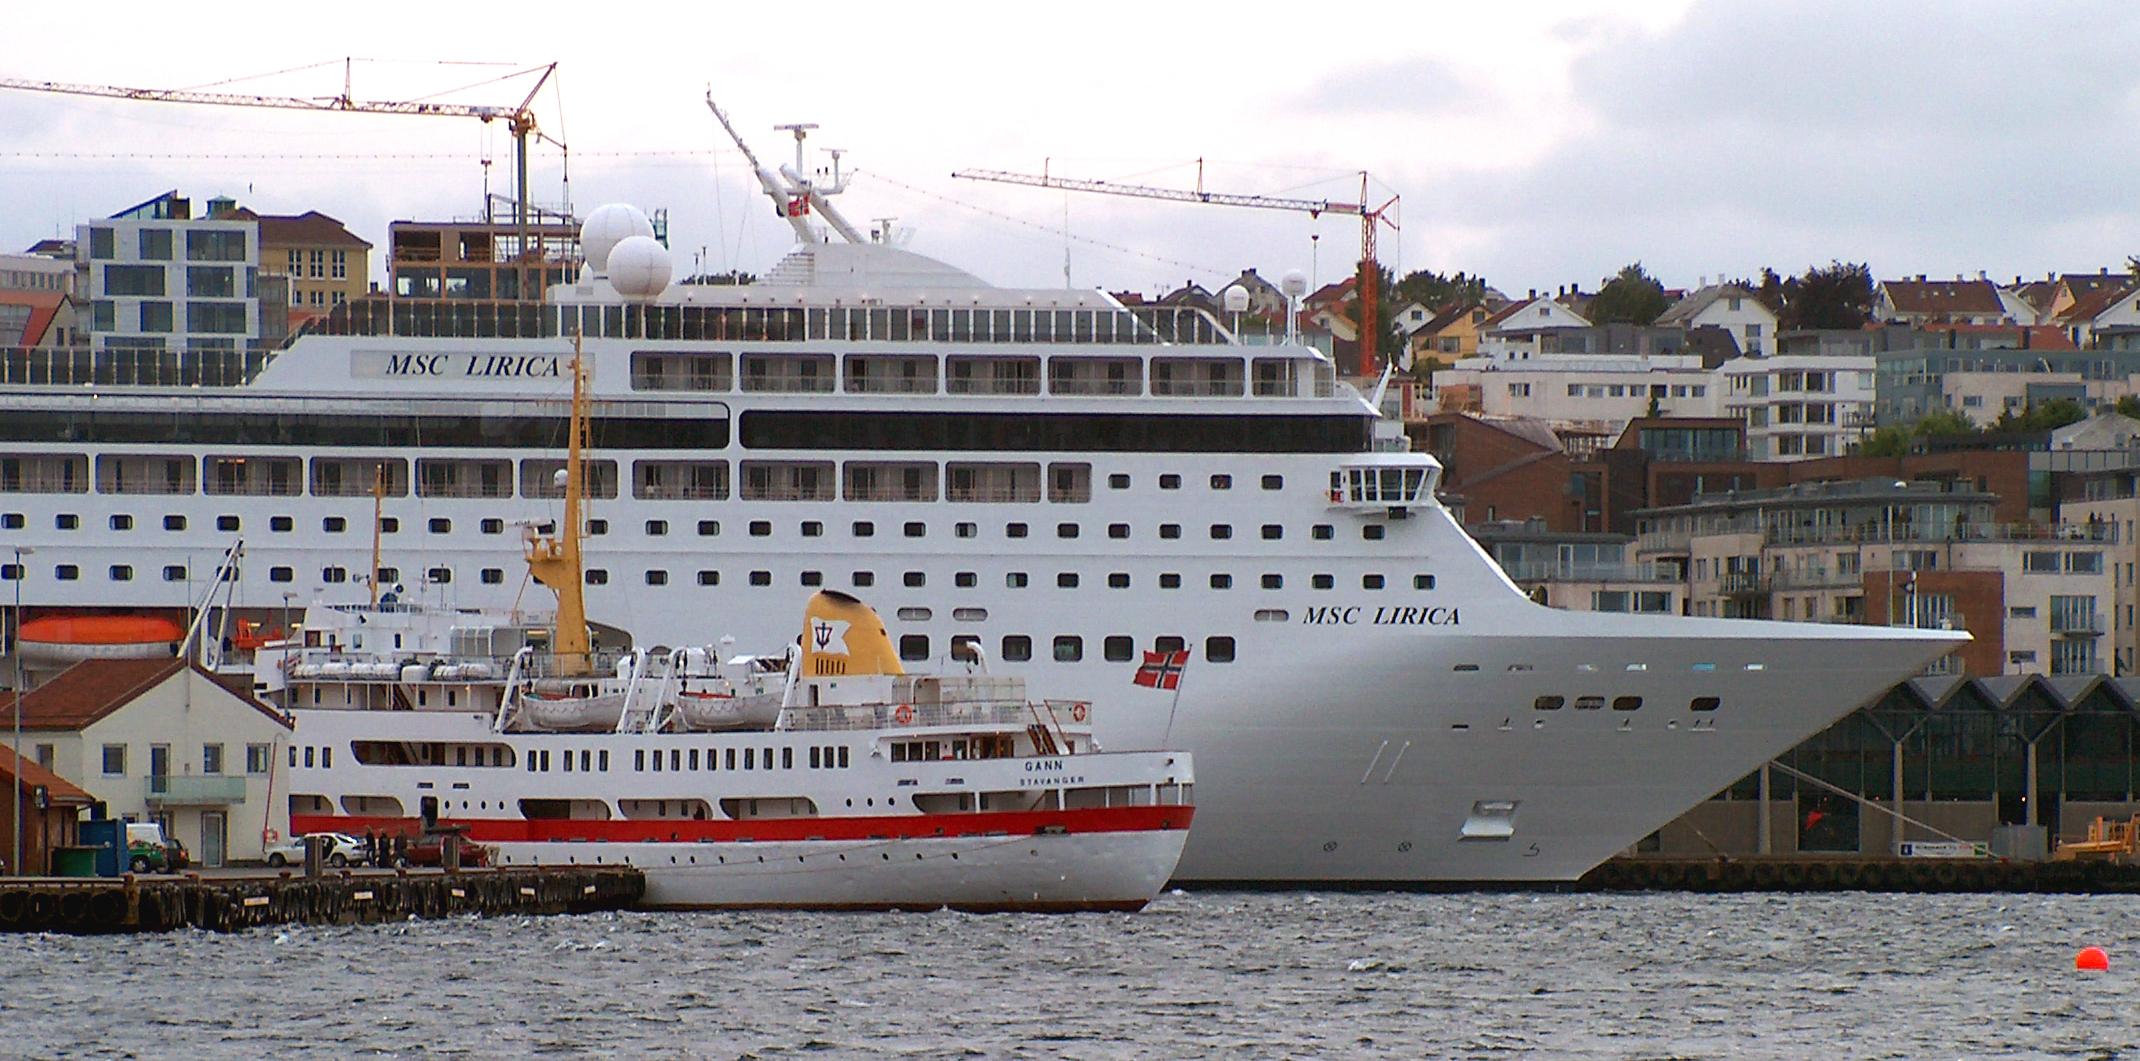 MSC Lirica - Cruiseskip - Stavanger havn